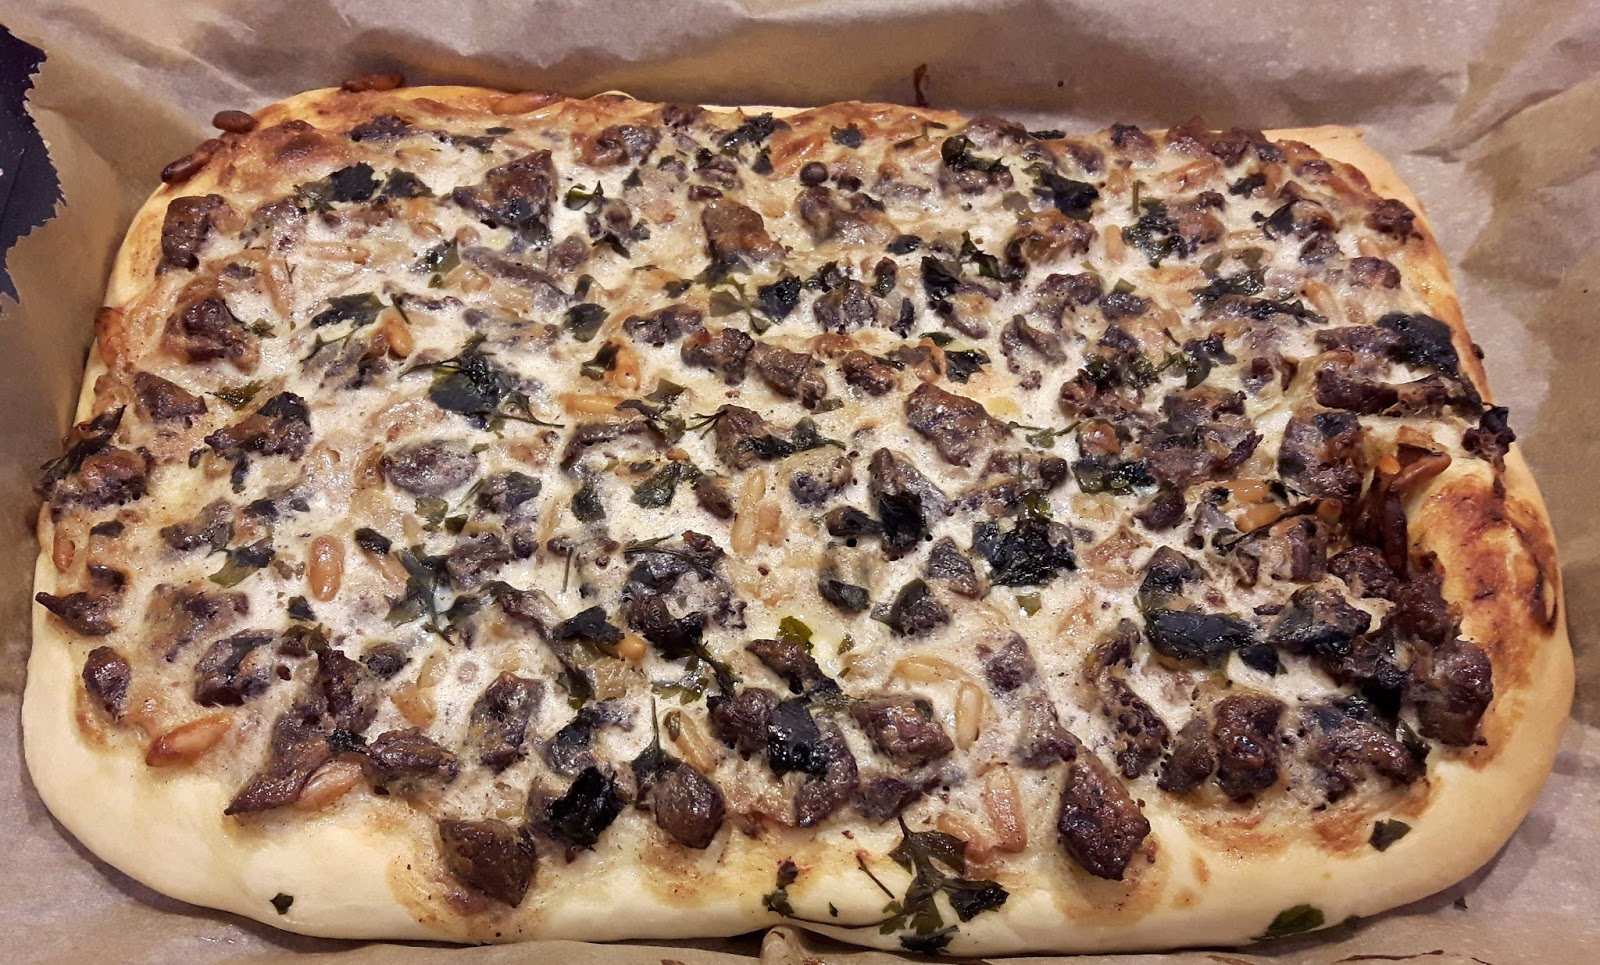 Pizza Libanska Kuchnia Magdaleny